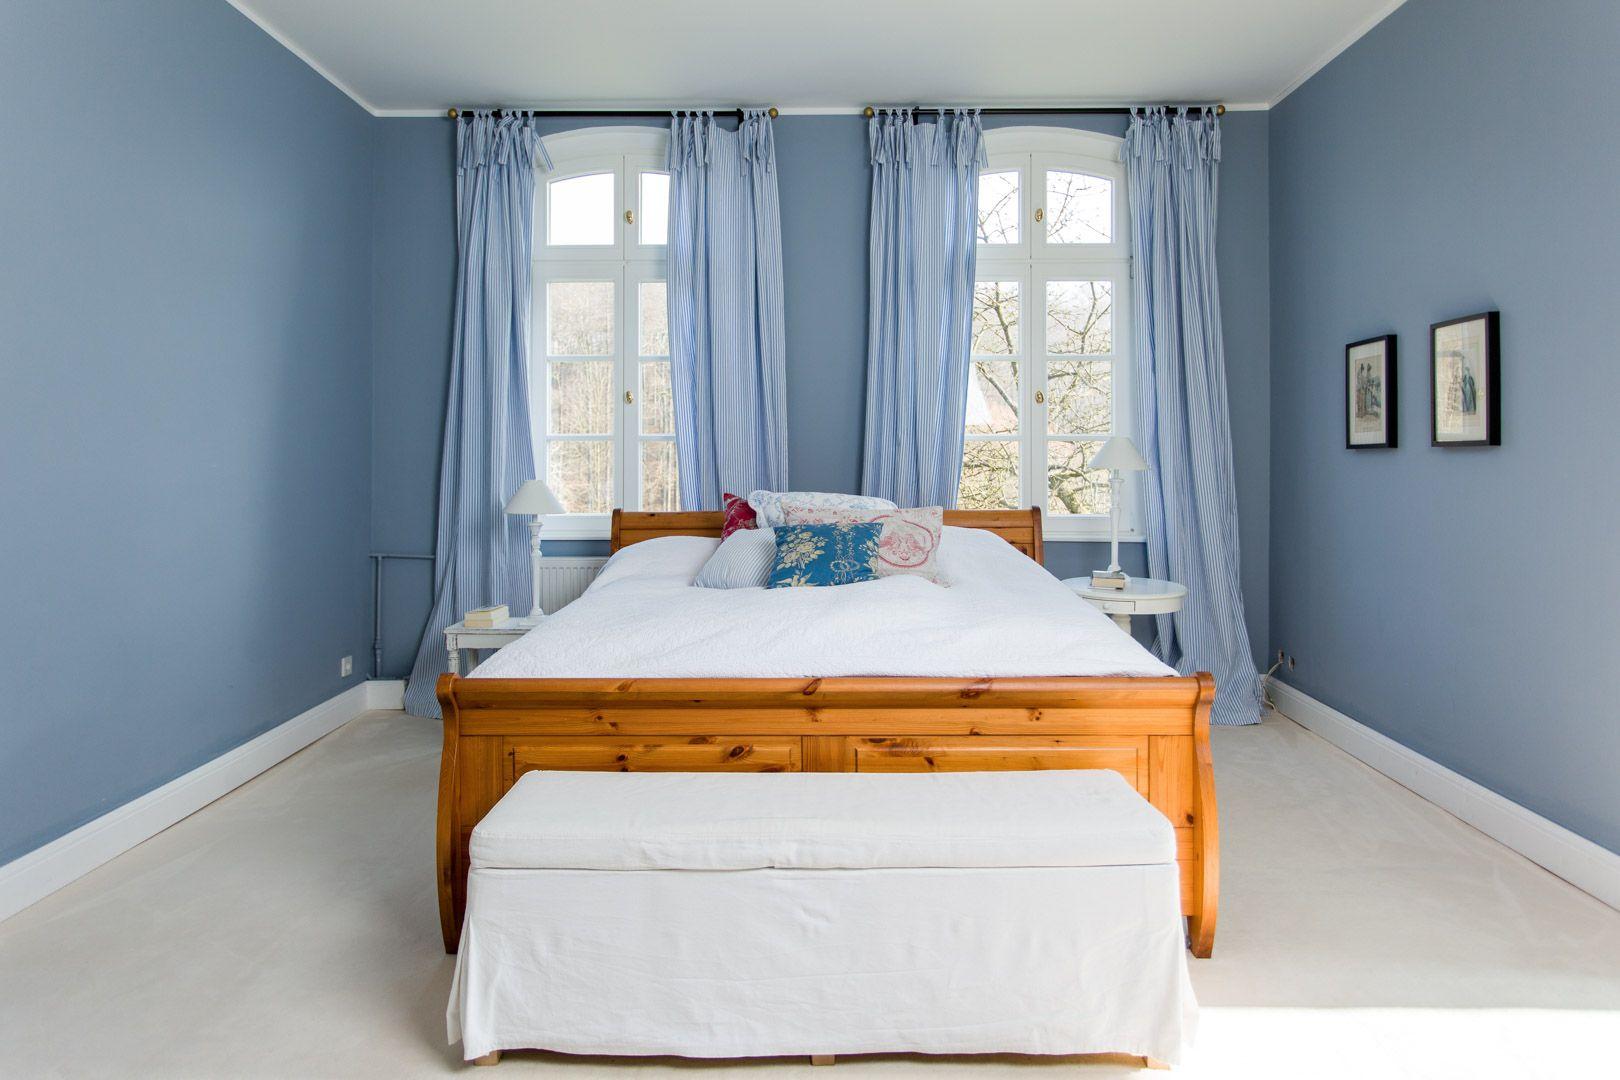 Ein Traum In Blau... Blaue WandfarbenWirkenEinrichtung.